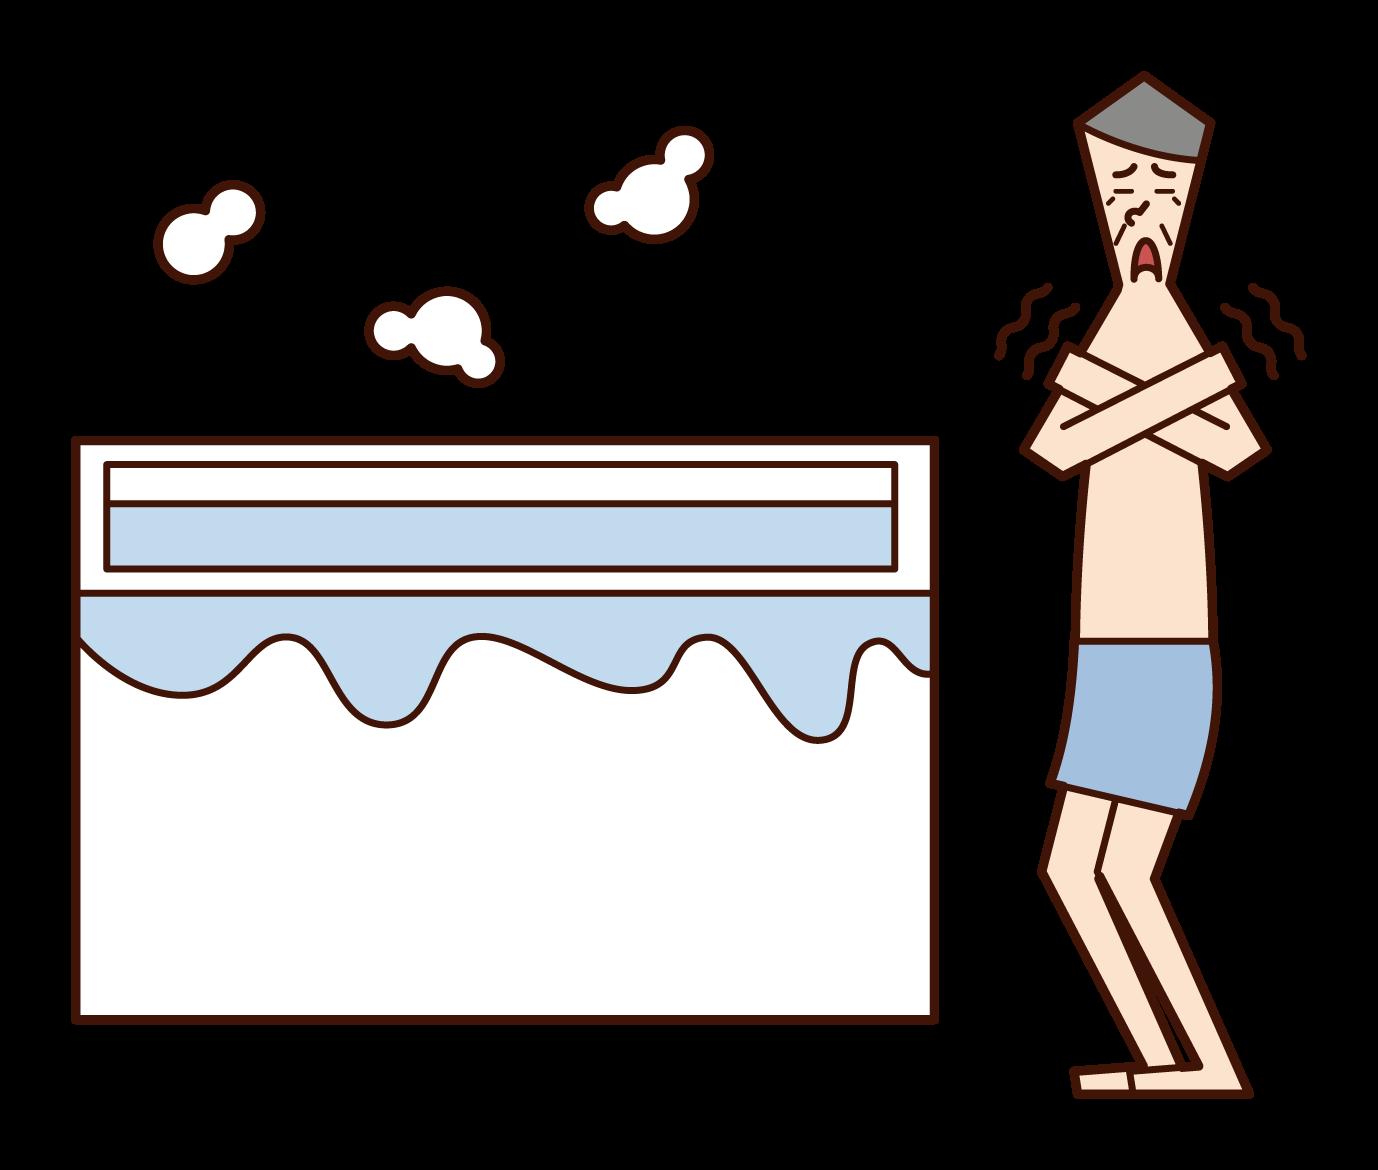 寒冷的浴室(爺爺)的插圖